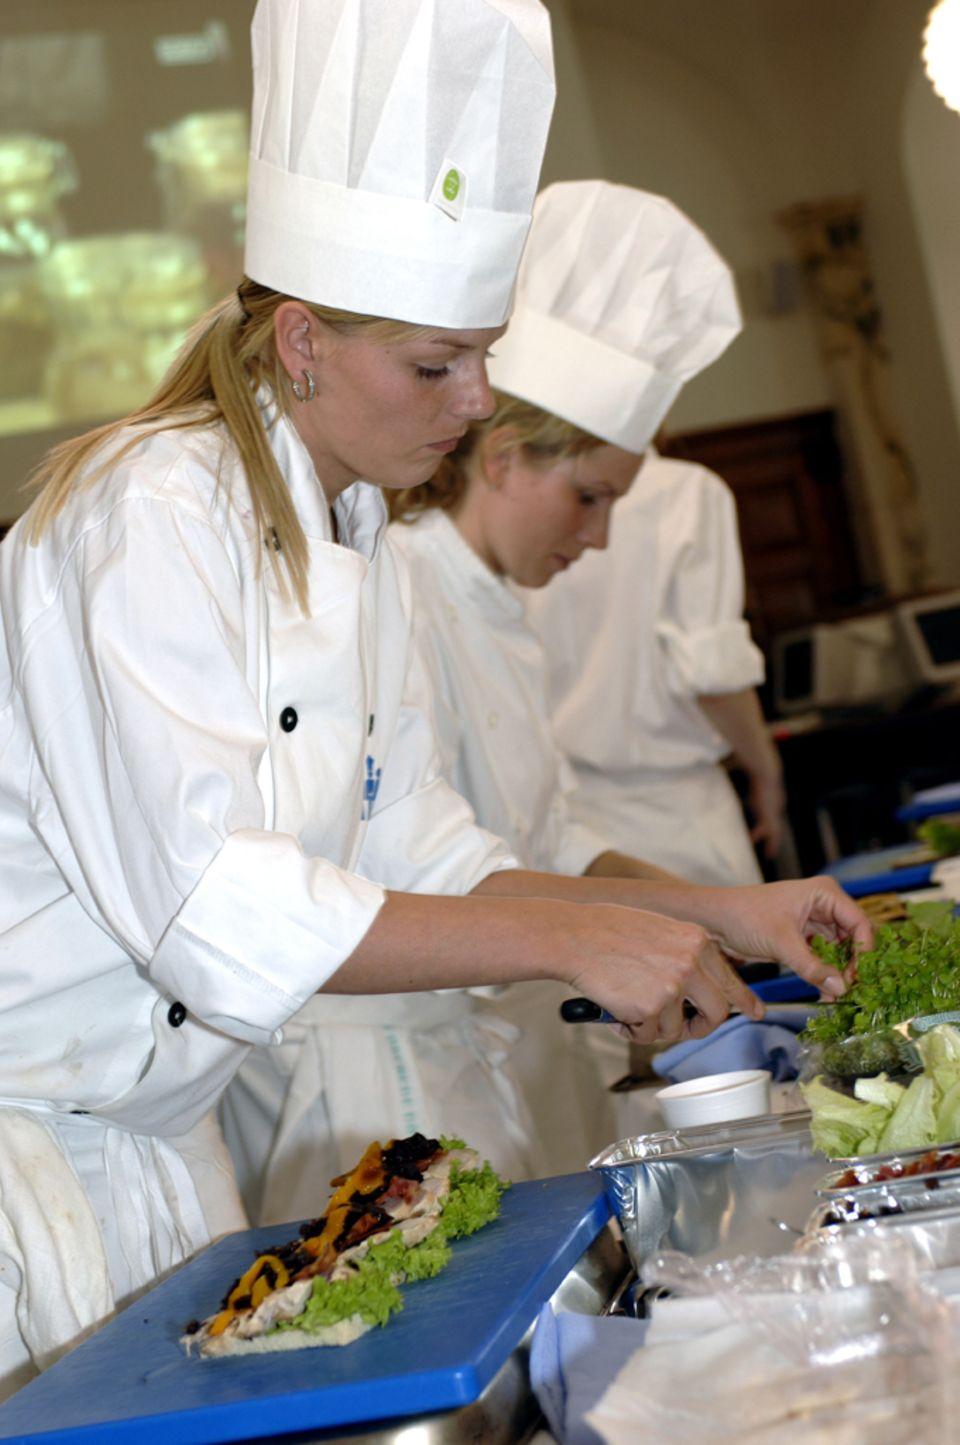 Köche bereiten im Rahmen von Copenhagen Cooking Smørrebrød zu